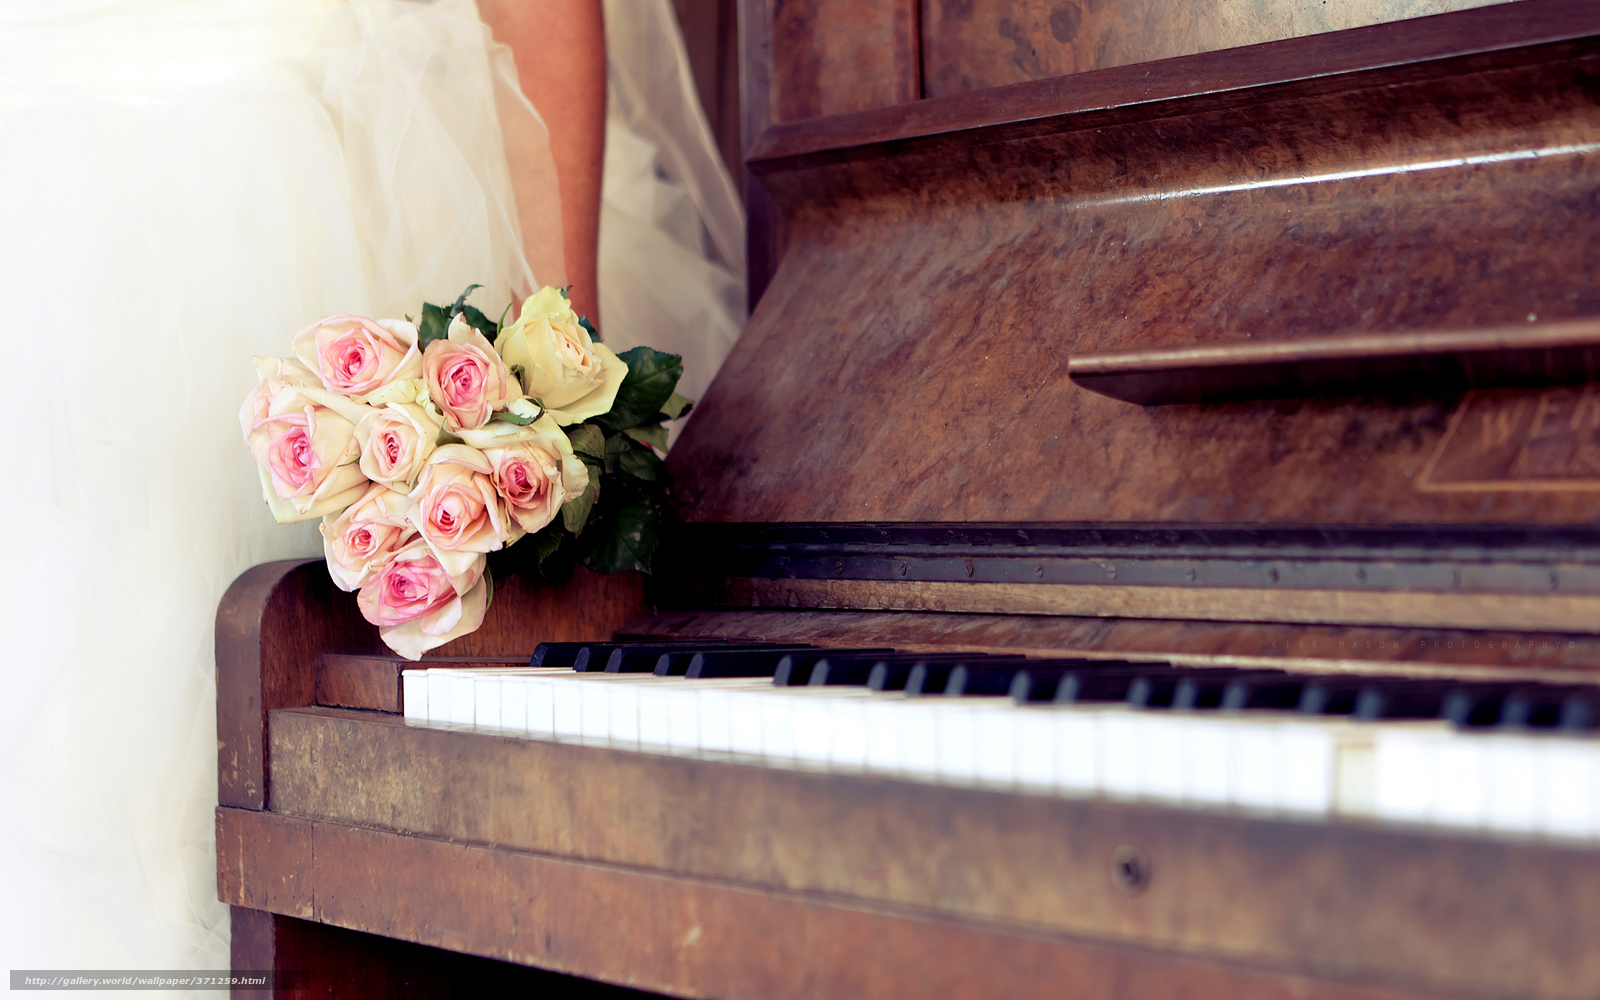 tlcharger fond d 39 ecran mariage piano bouquet roses fonds d 39 ecran gratuits pour votre. Black Bedroom Furniture Sets. Home Design Ideas